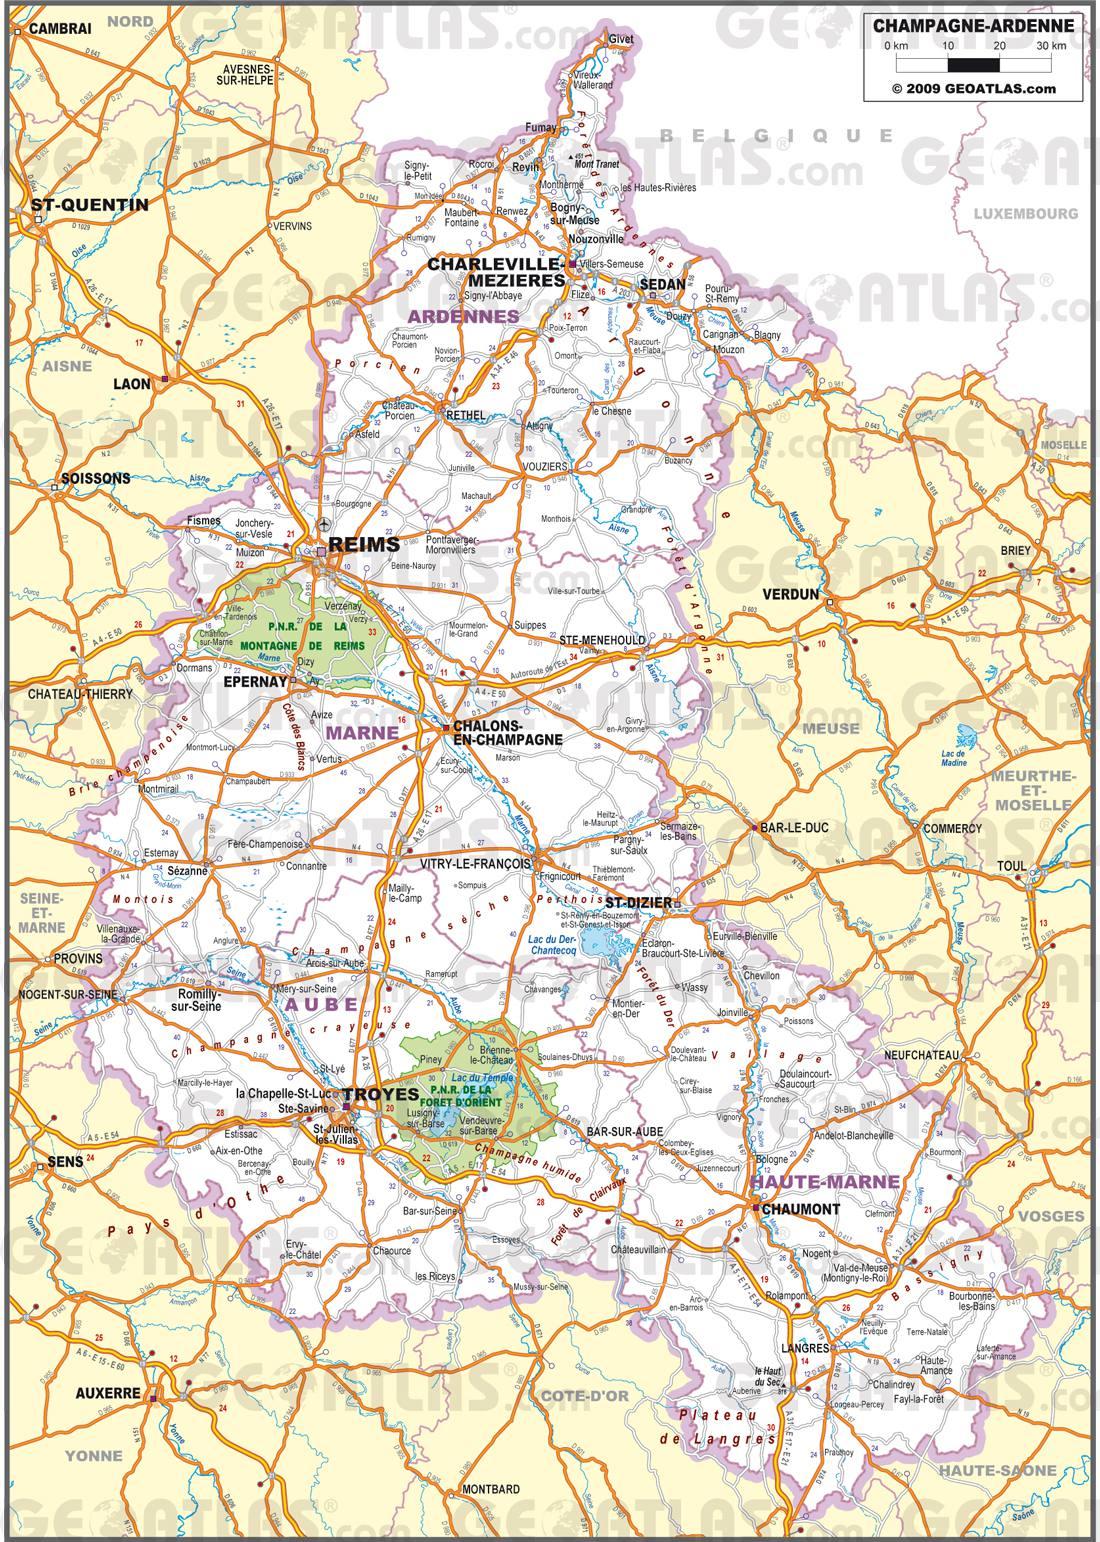 Carte routière de la Champagne-Ardenne